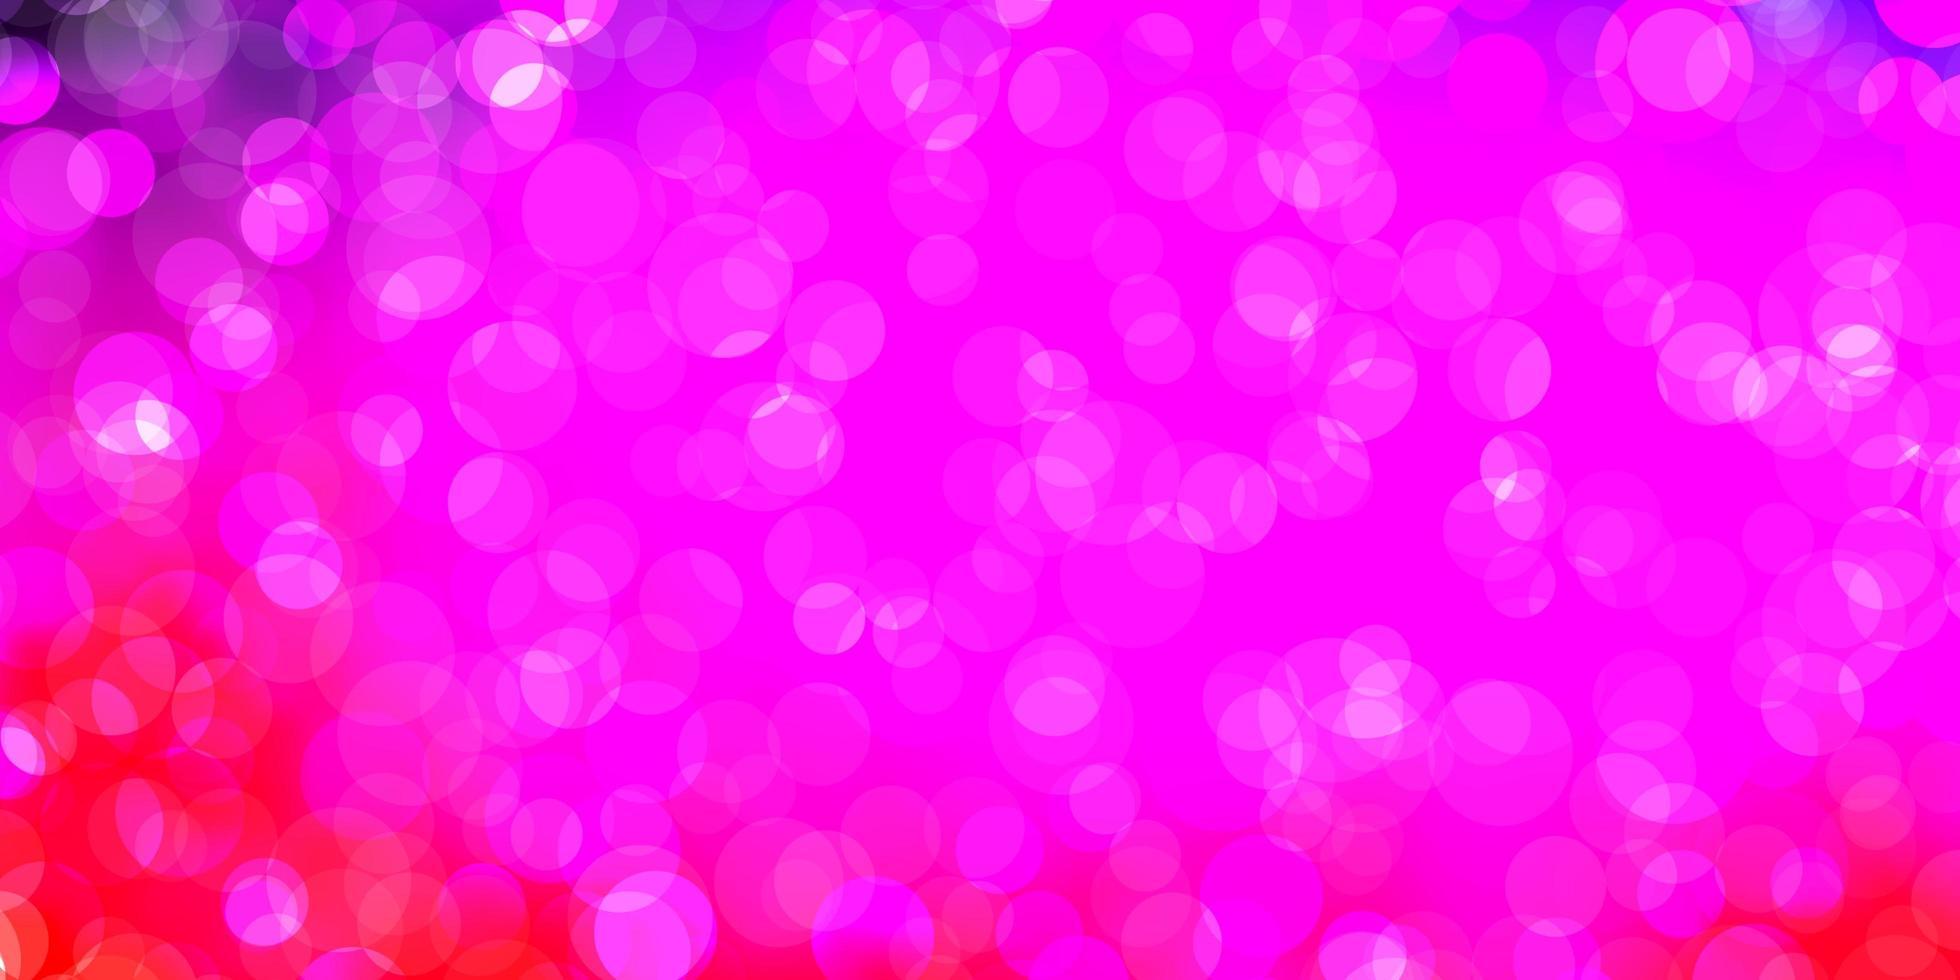 hellpurpurner, rosa Vektorhintergrund mit Flecken. vektor